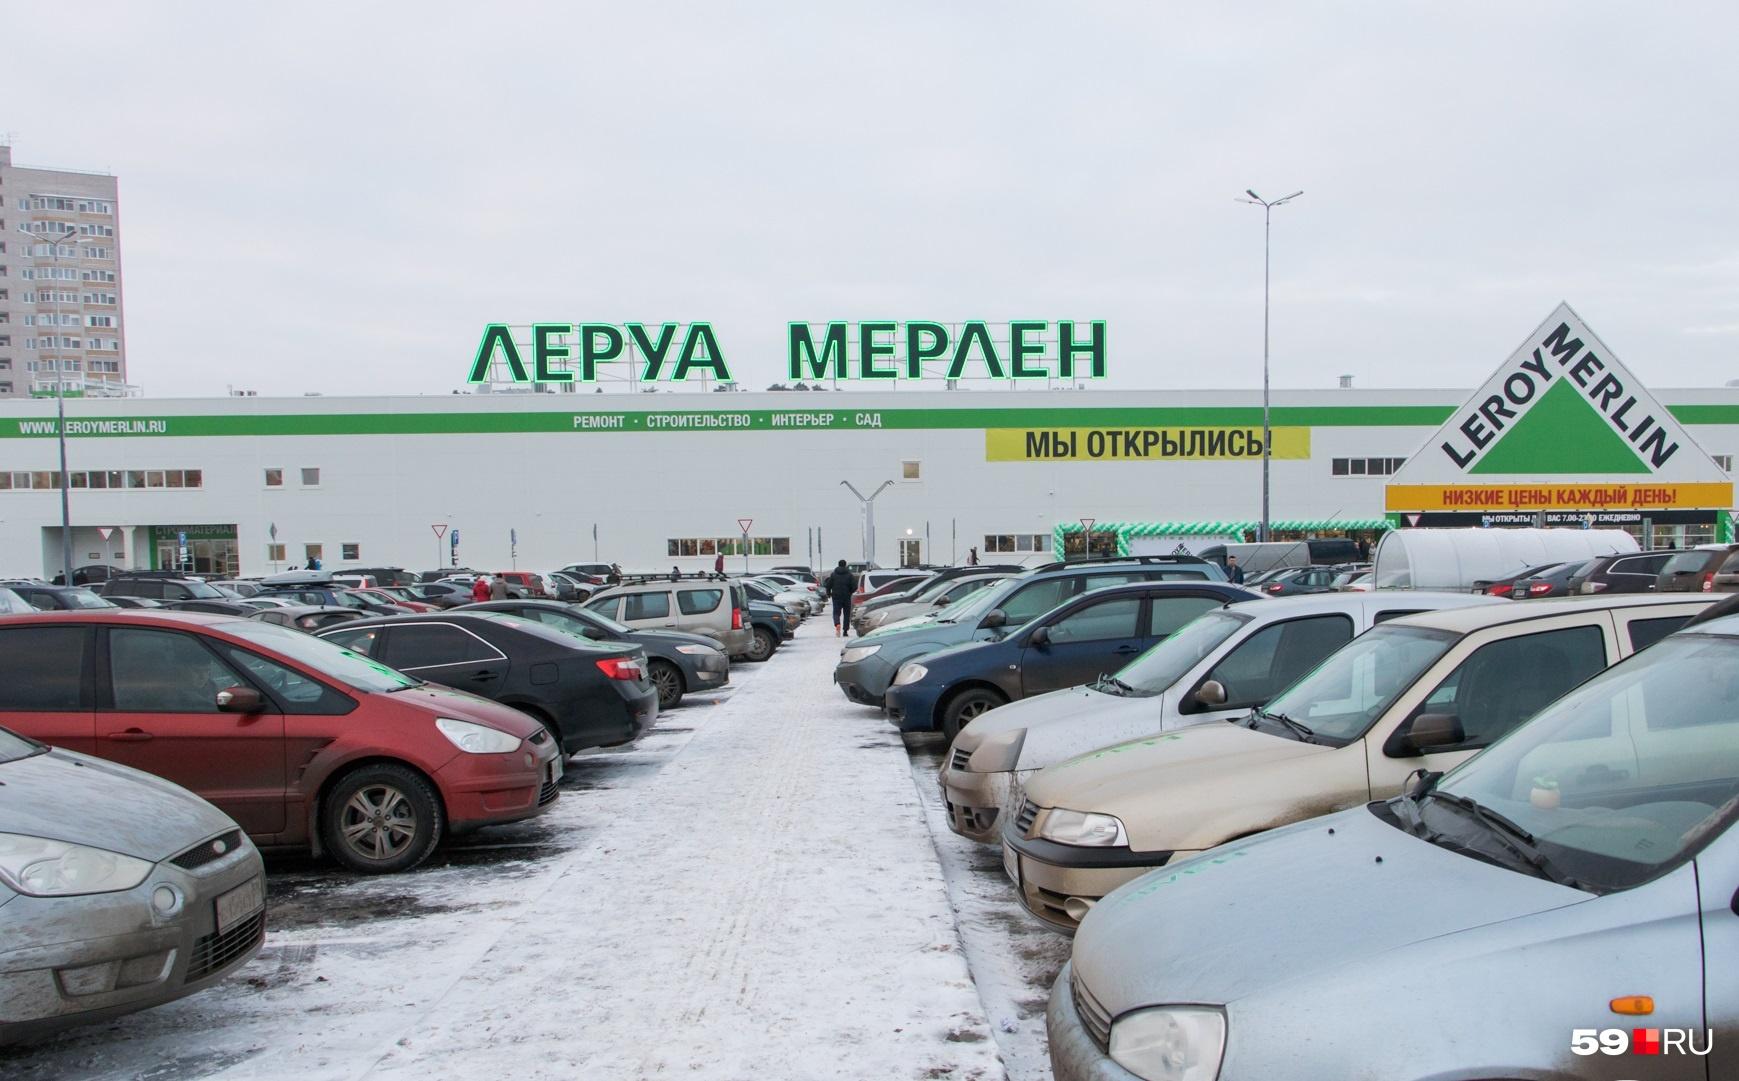 «Леруа Мерлен» открылся в Перми в конце 2017 года